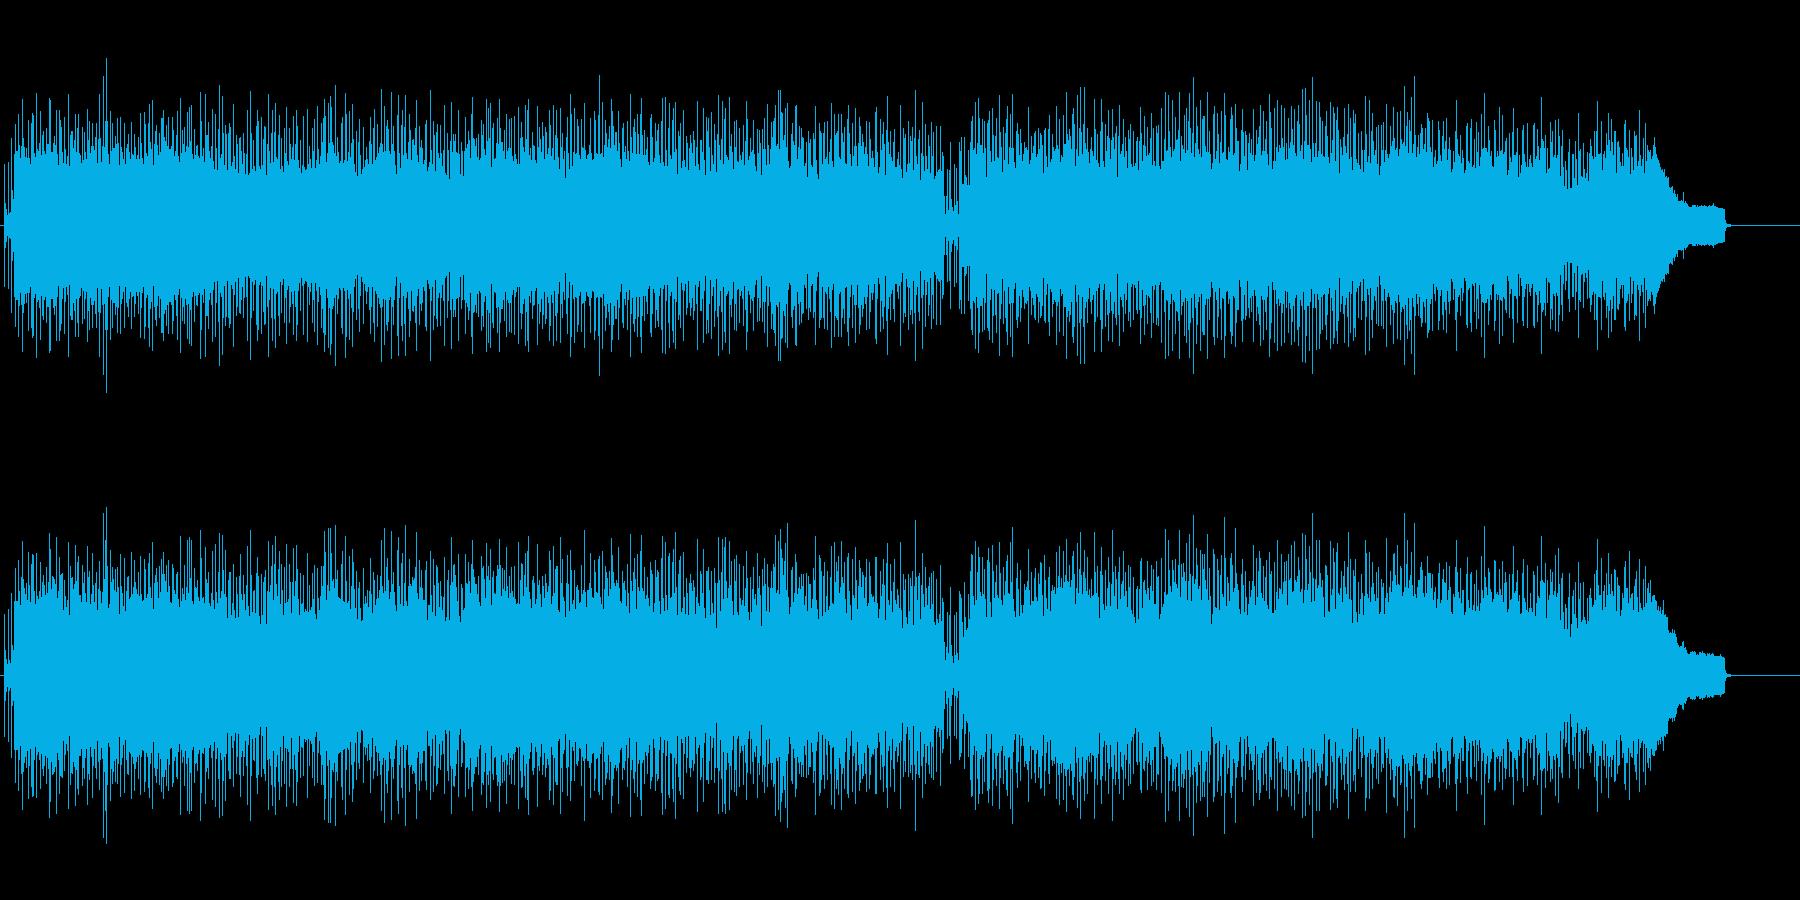 陰りのあるメロディアスなポップスの再生済みの波形